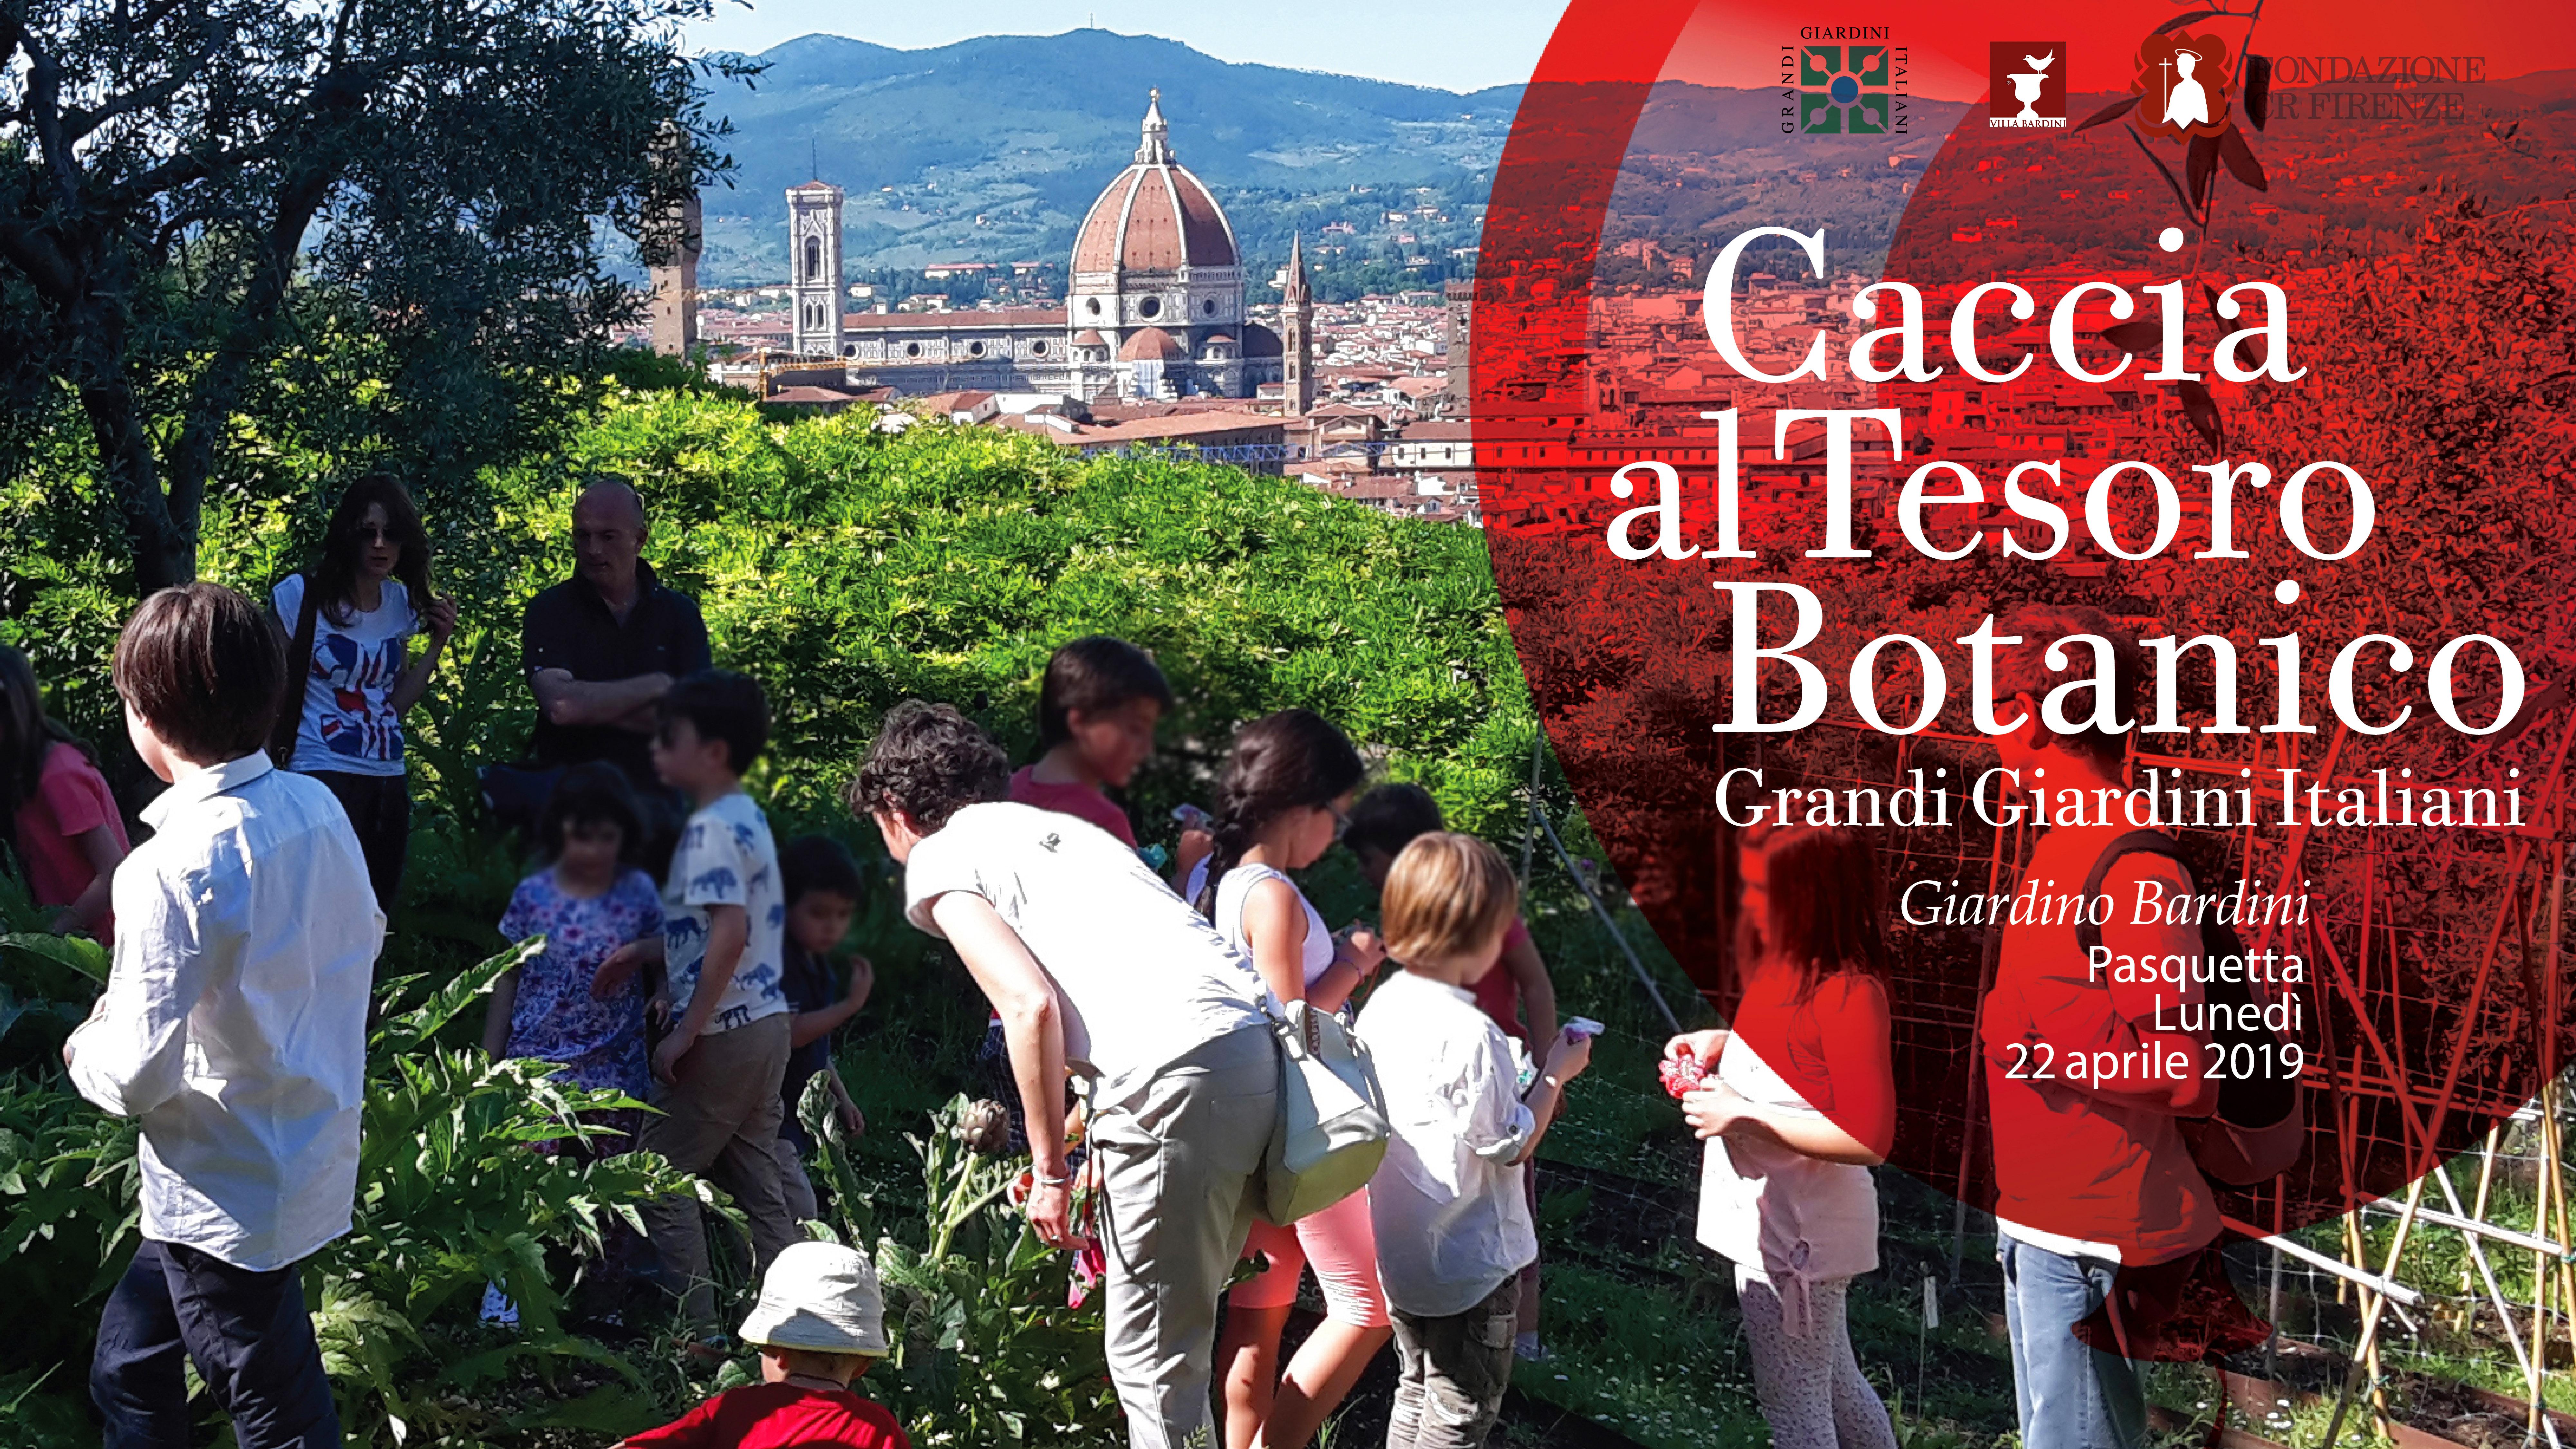 Caccia Al Tesoro Bambini 3 Anni : Caccia al tesoro botanico grandi giardini italiani beemyguide